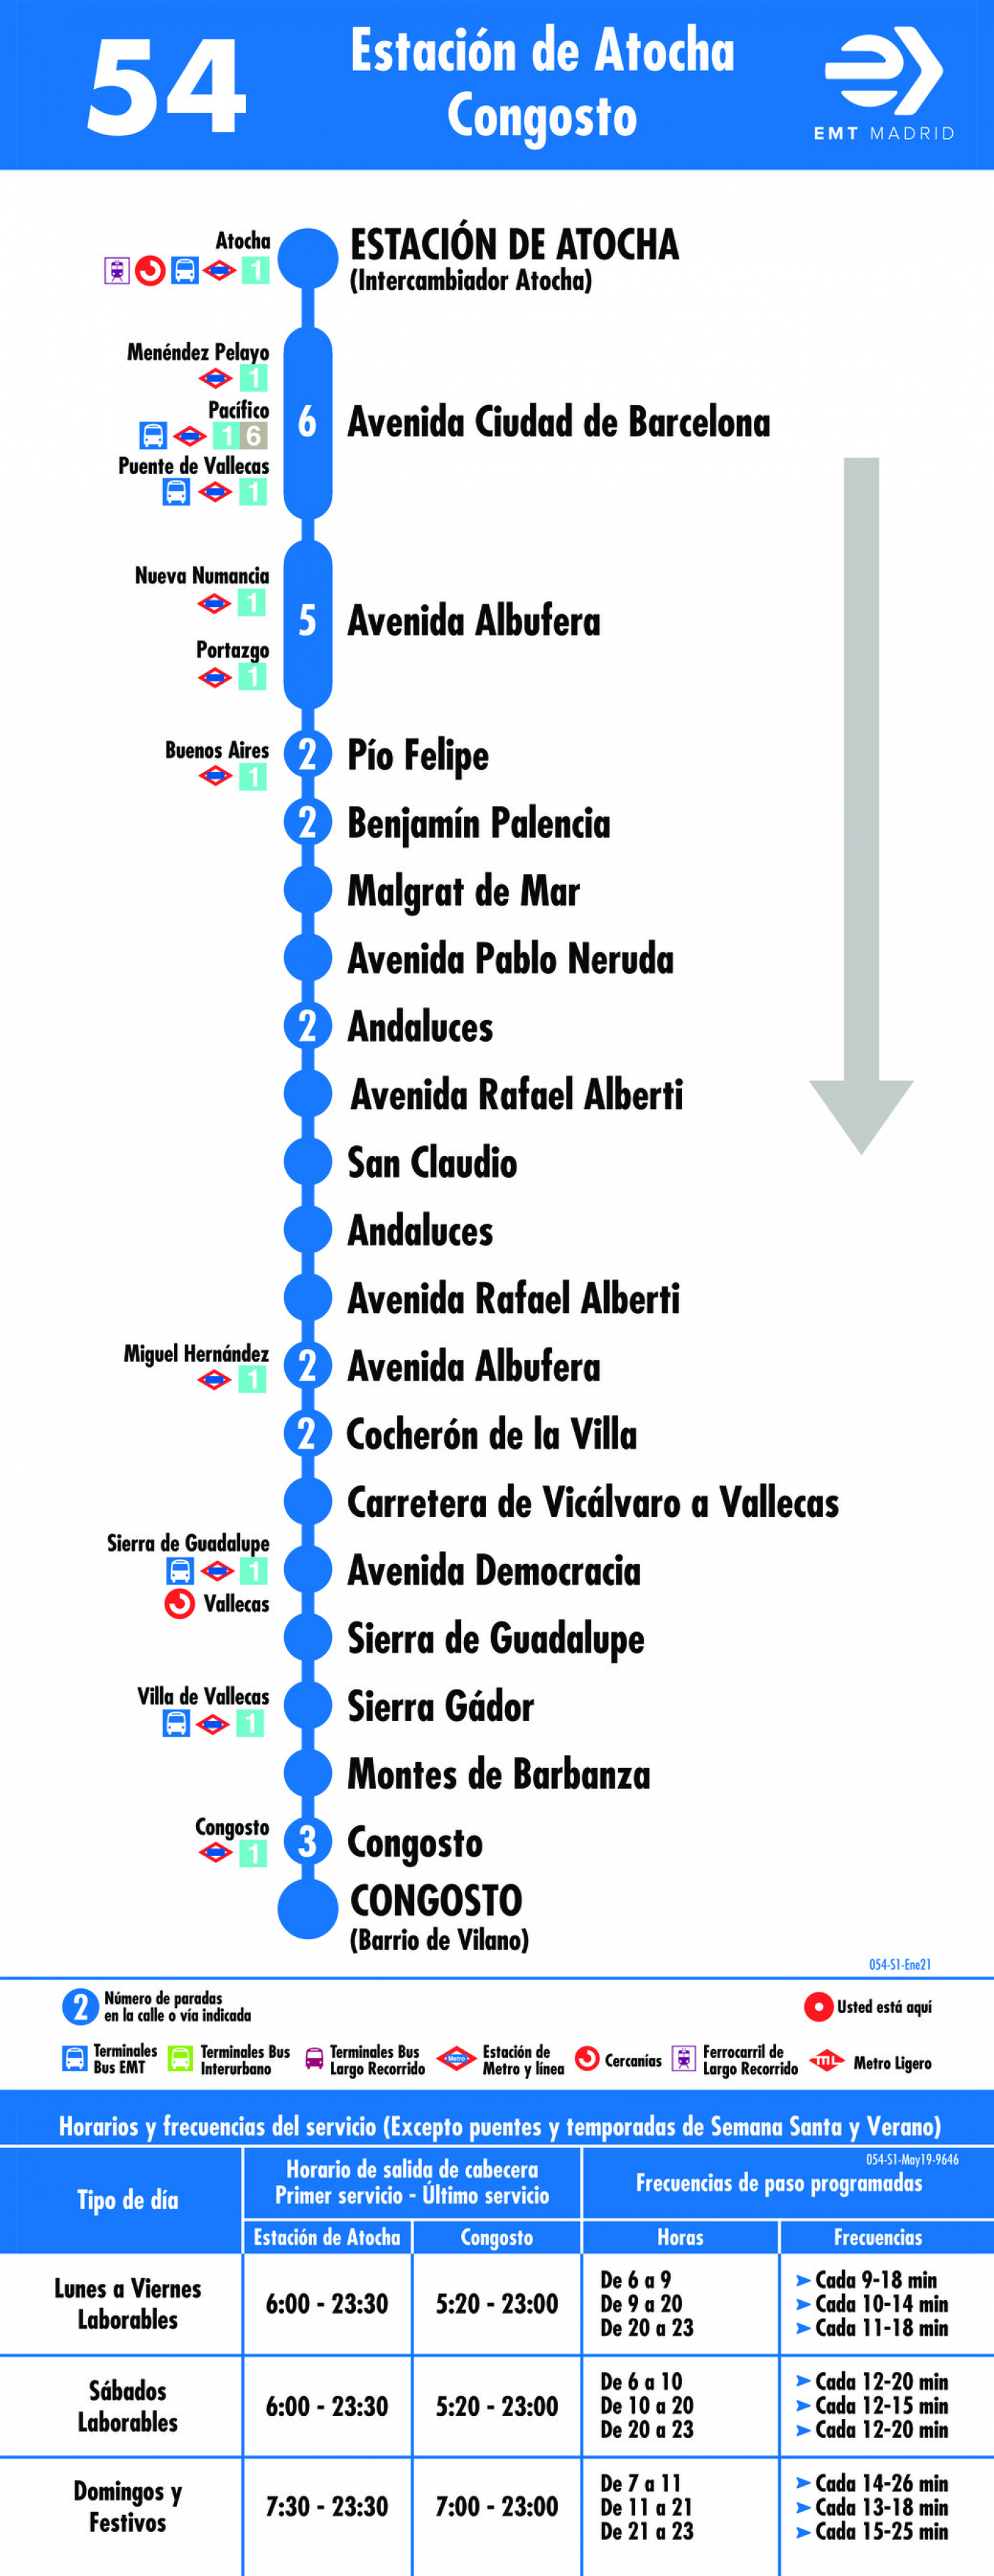 Tabla de horarios y frecuencias de paso en sentido ida Línea 54: Atocha - Barrio de Vilano